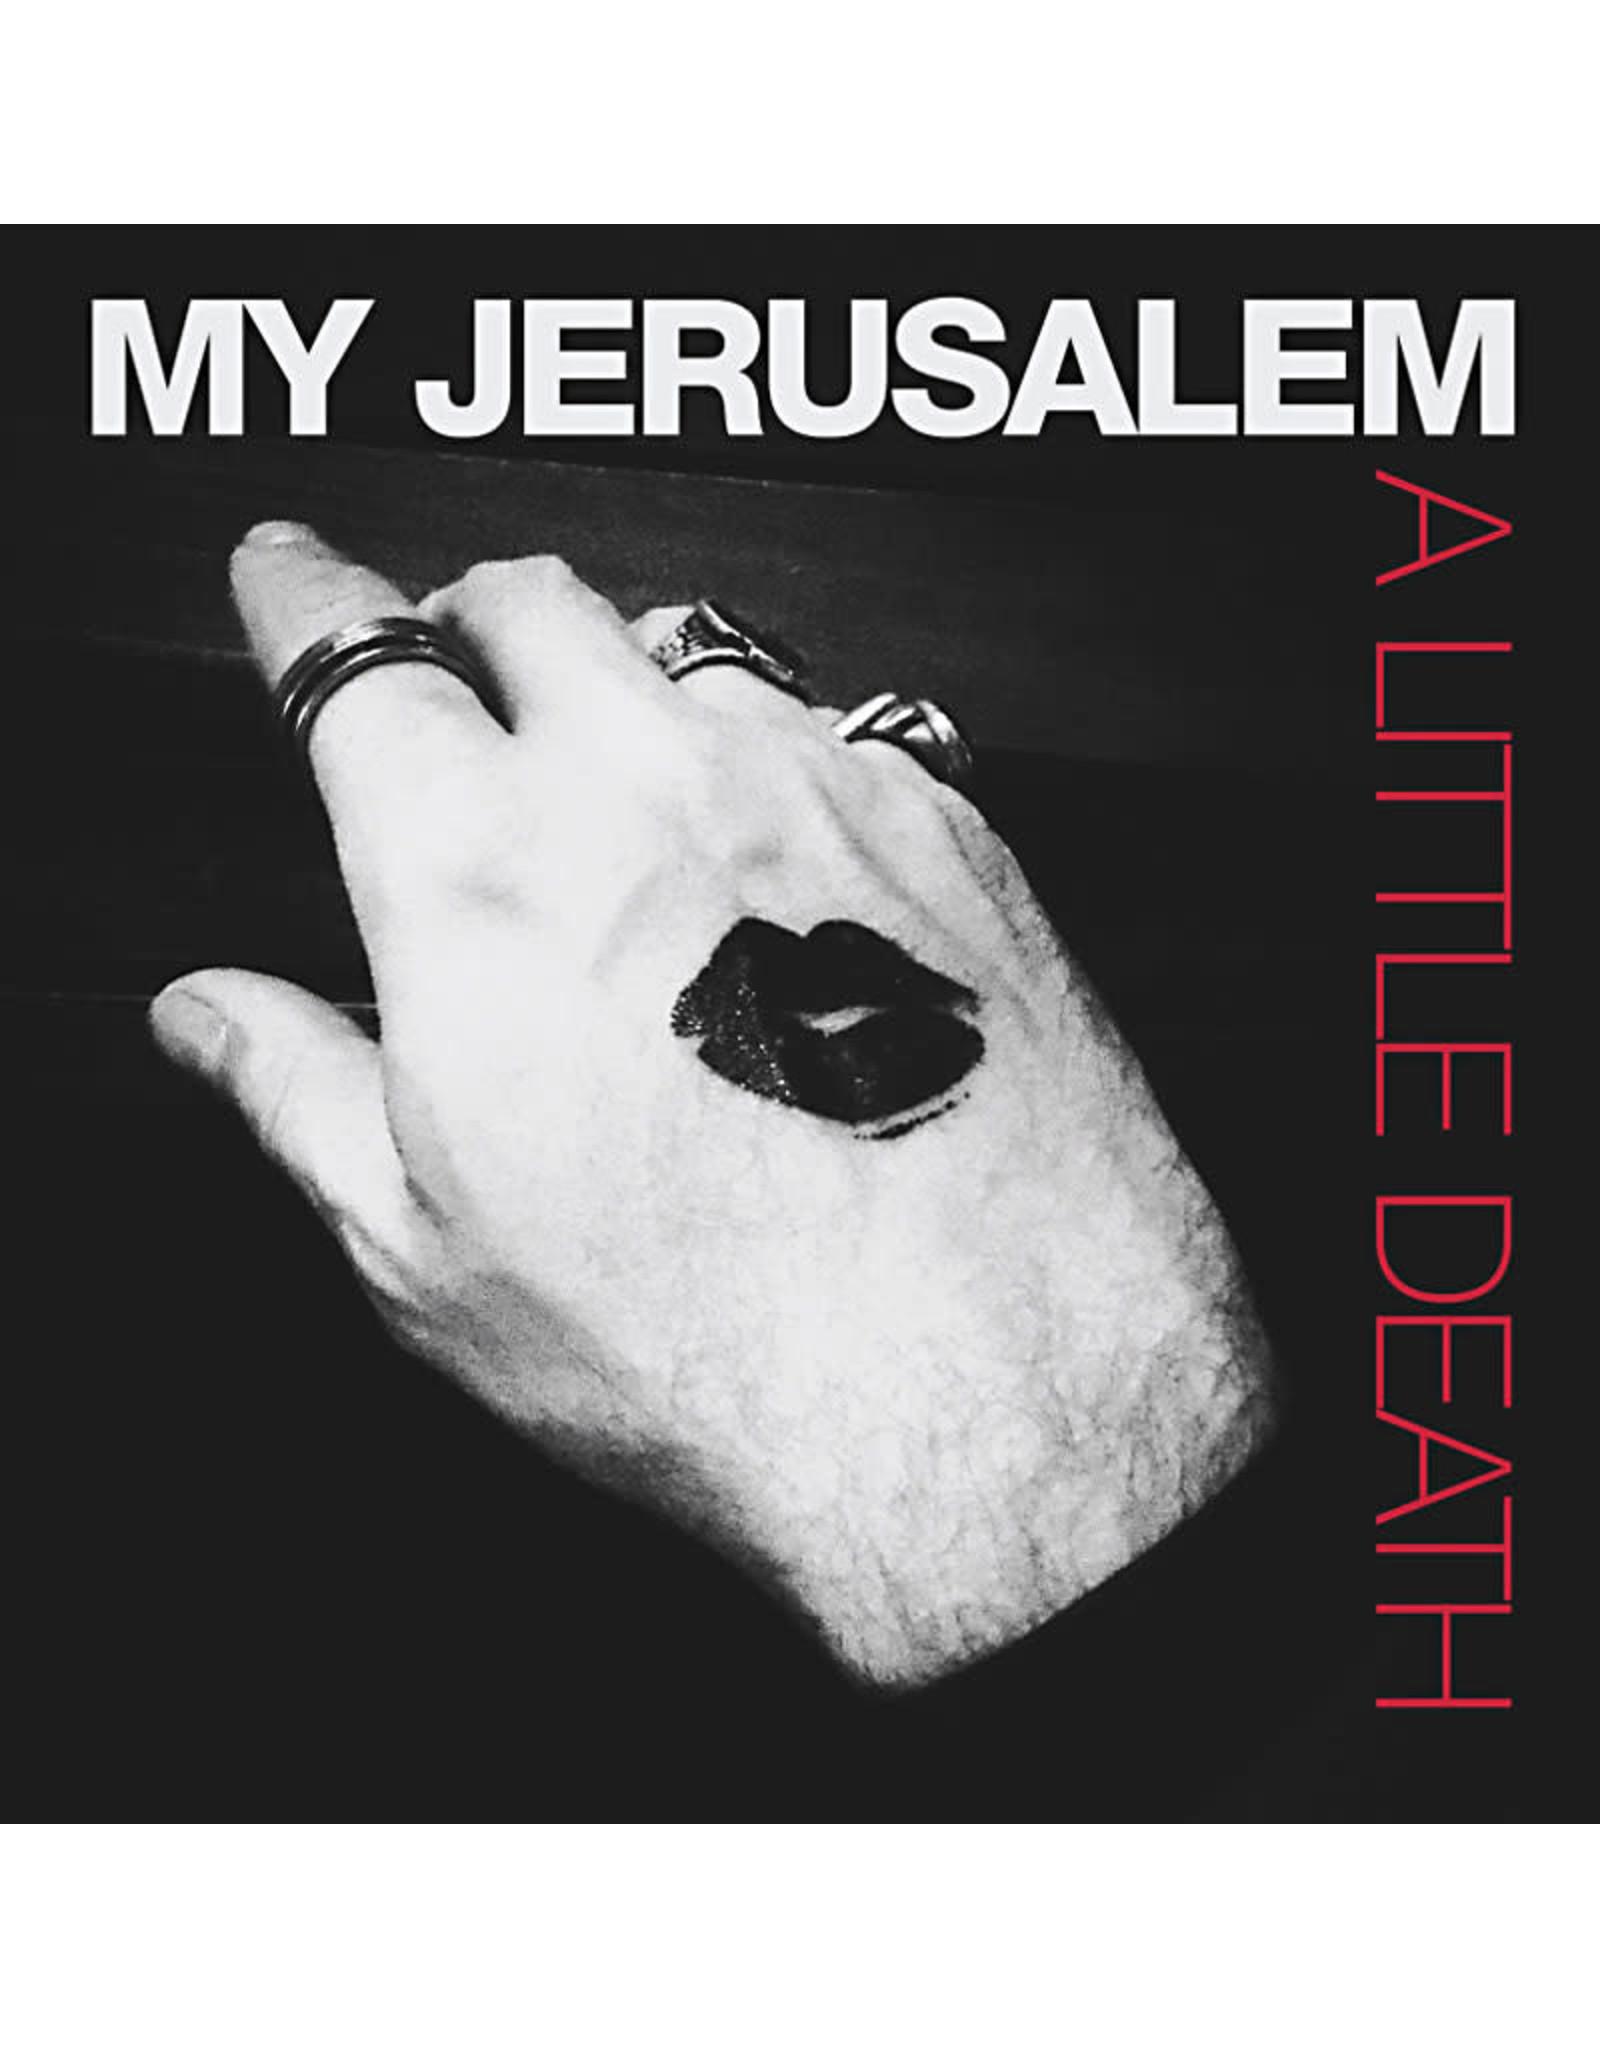 My Jerusalem - A Little Death 2LP (clear)